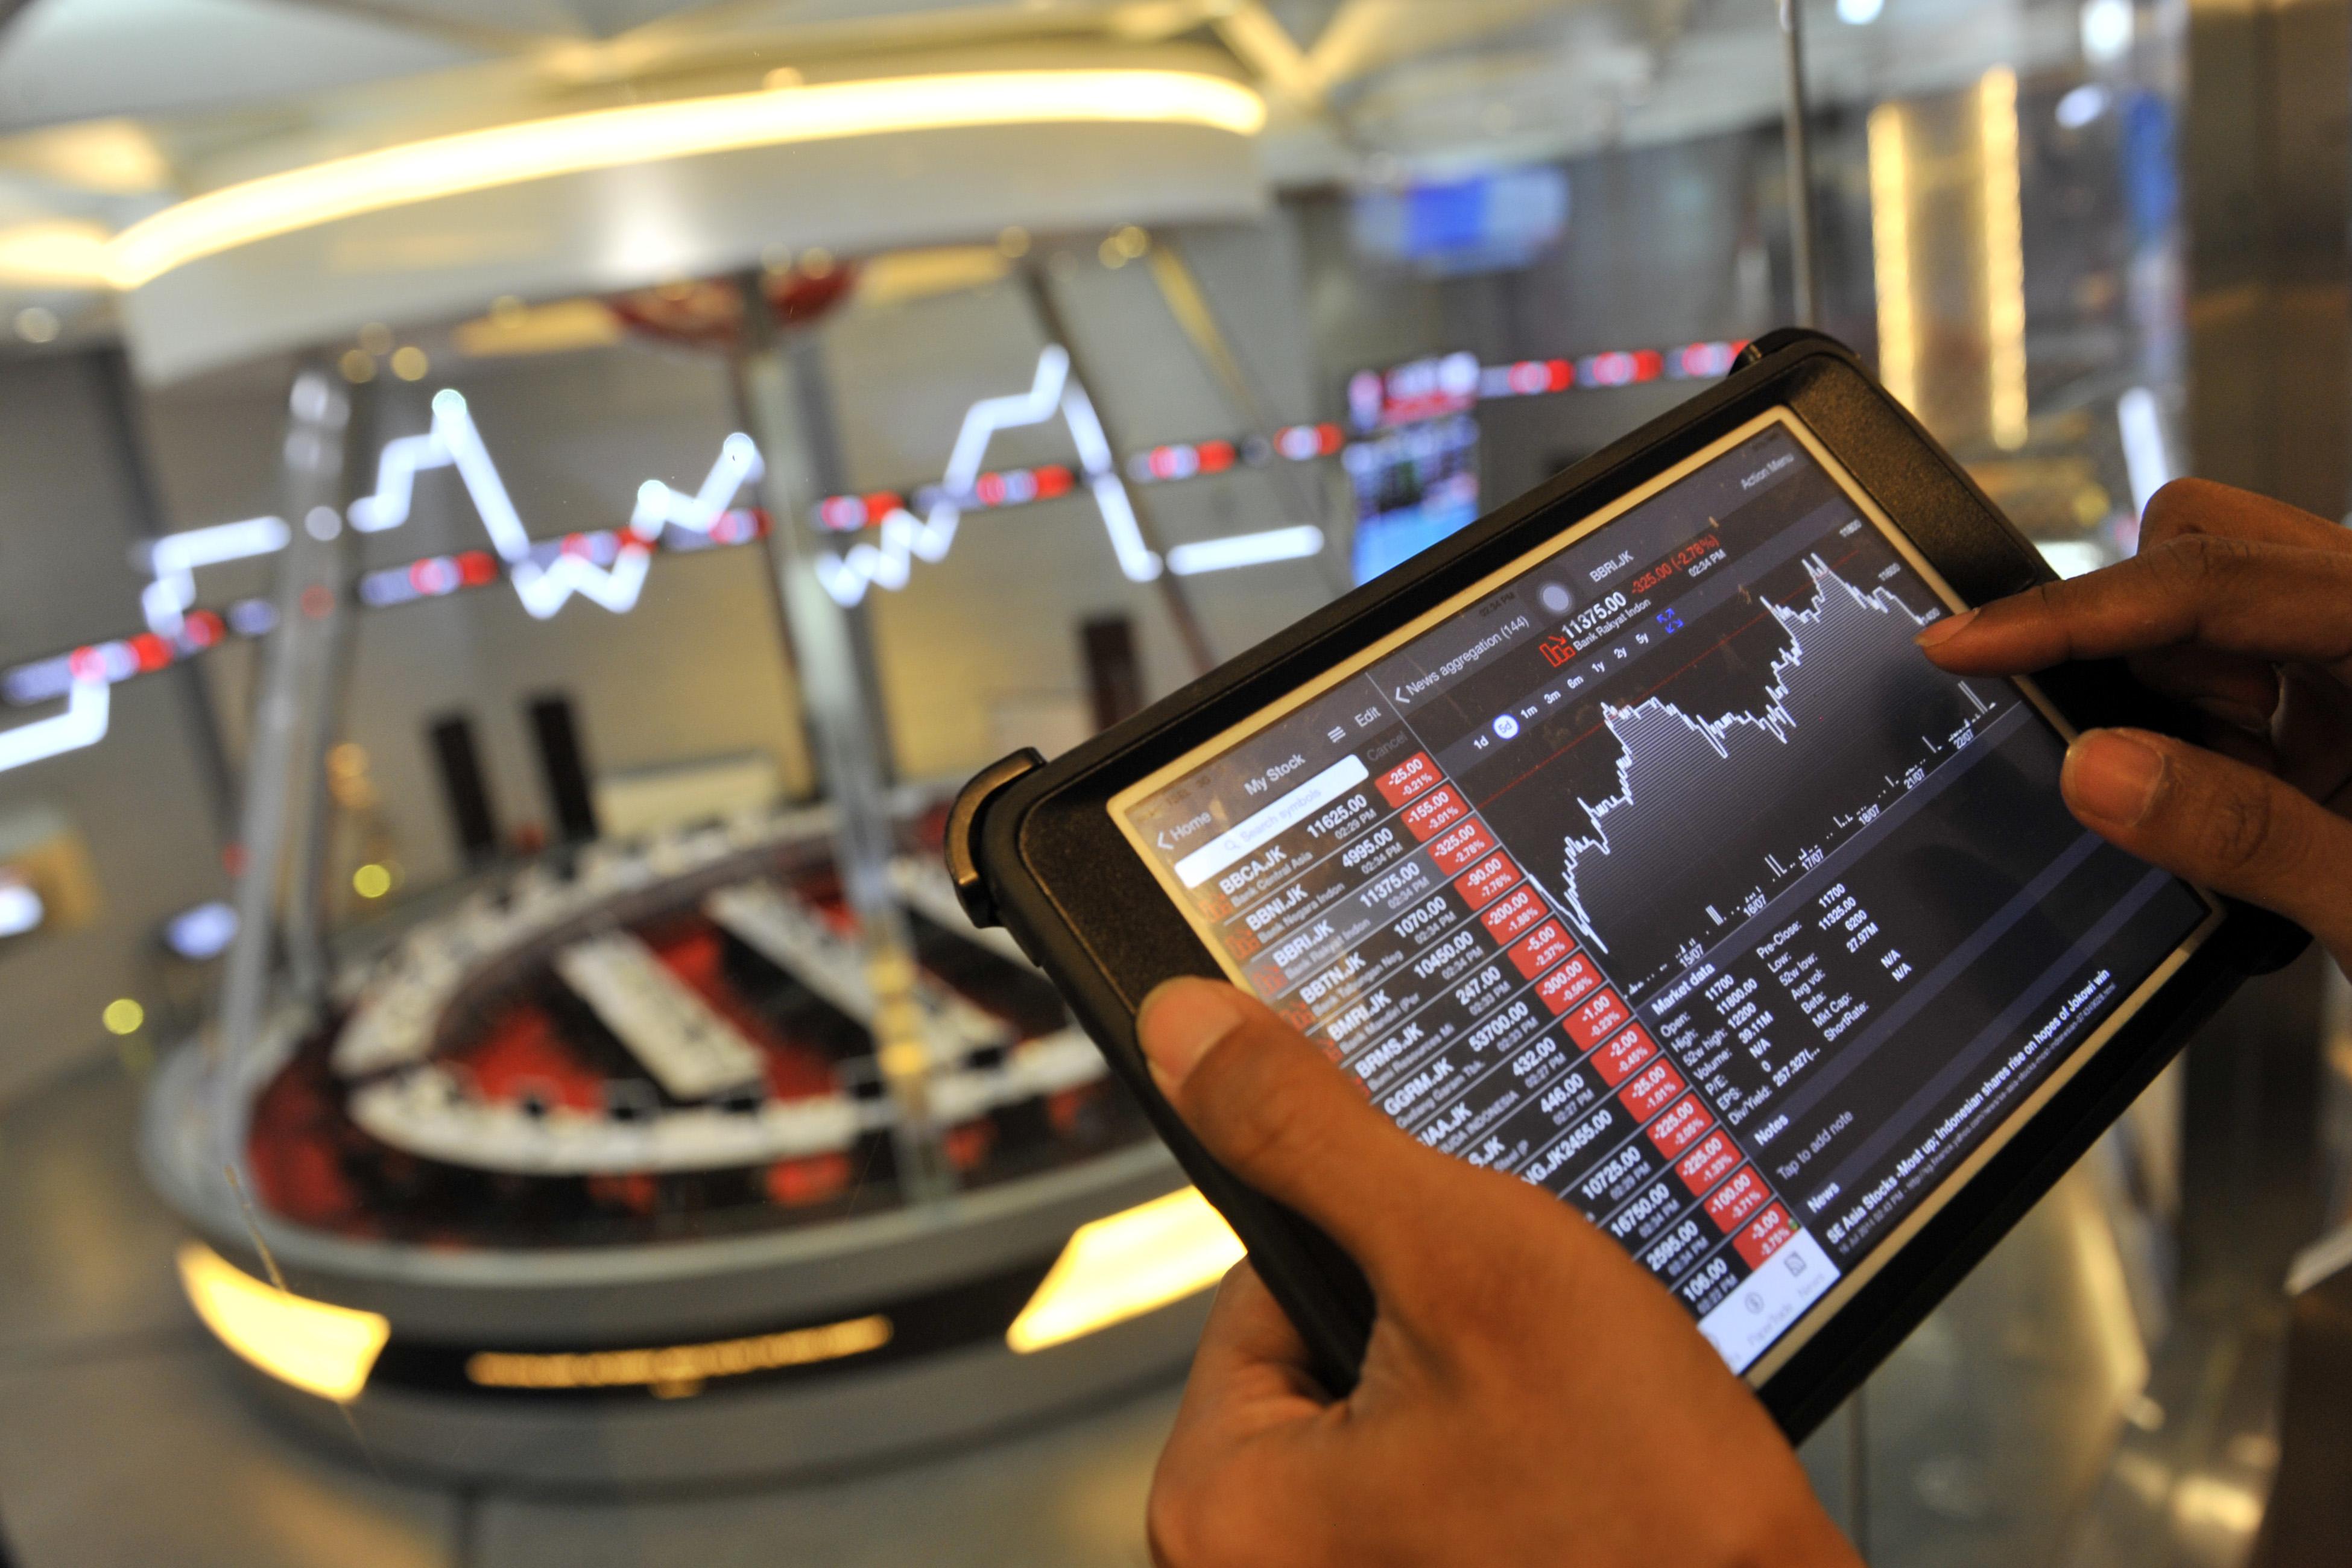 Kini Harga Saham Boleh Naik Turun 35 Sehari Simak Tips Trading